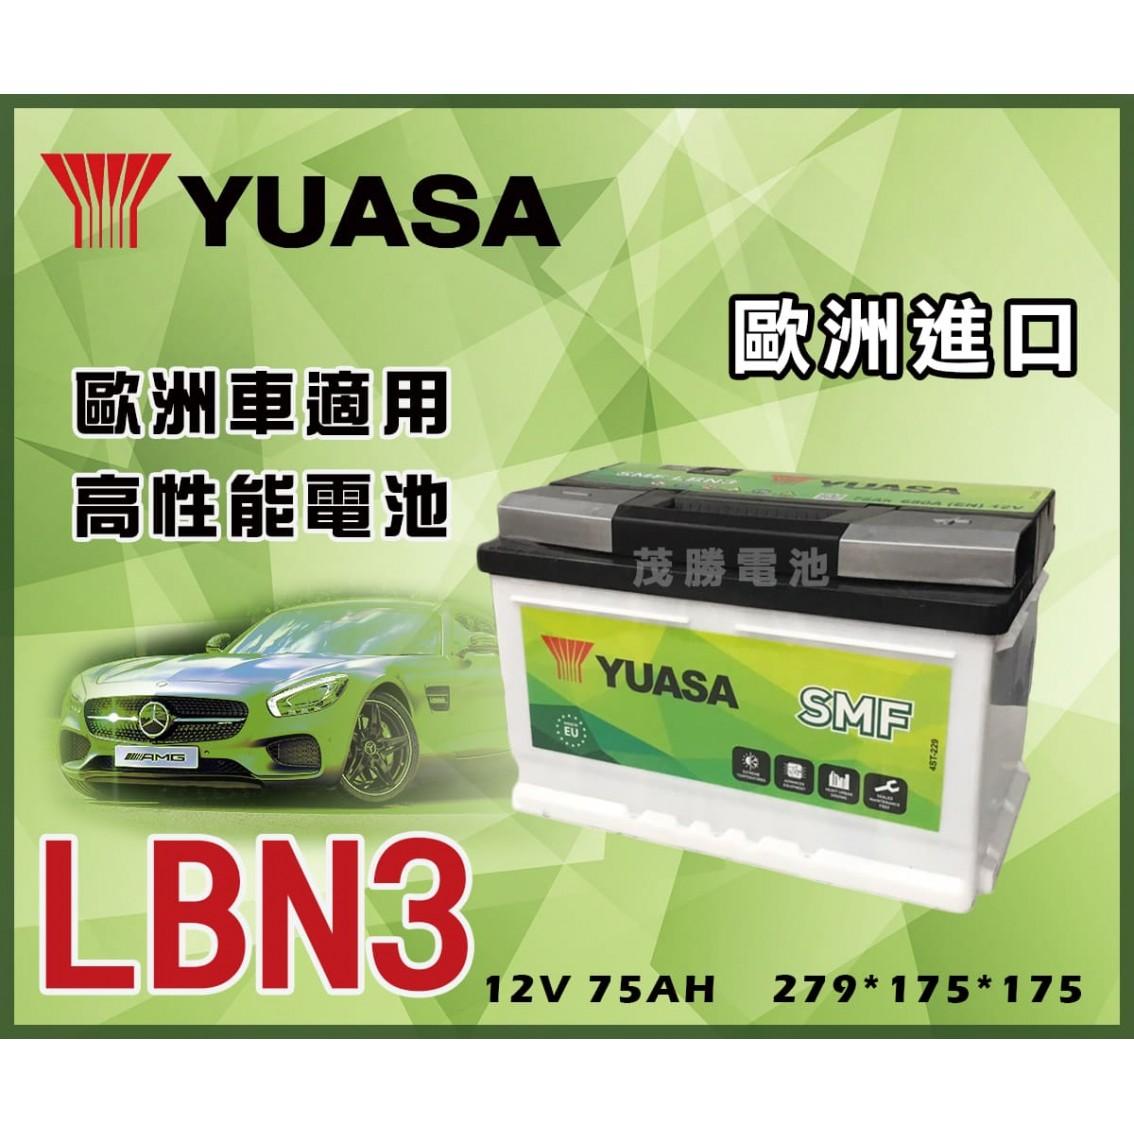 LBN3-57114